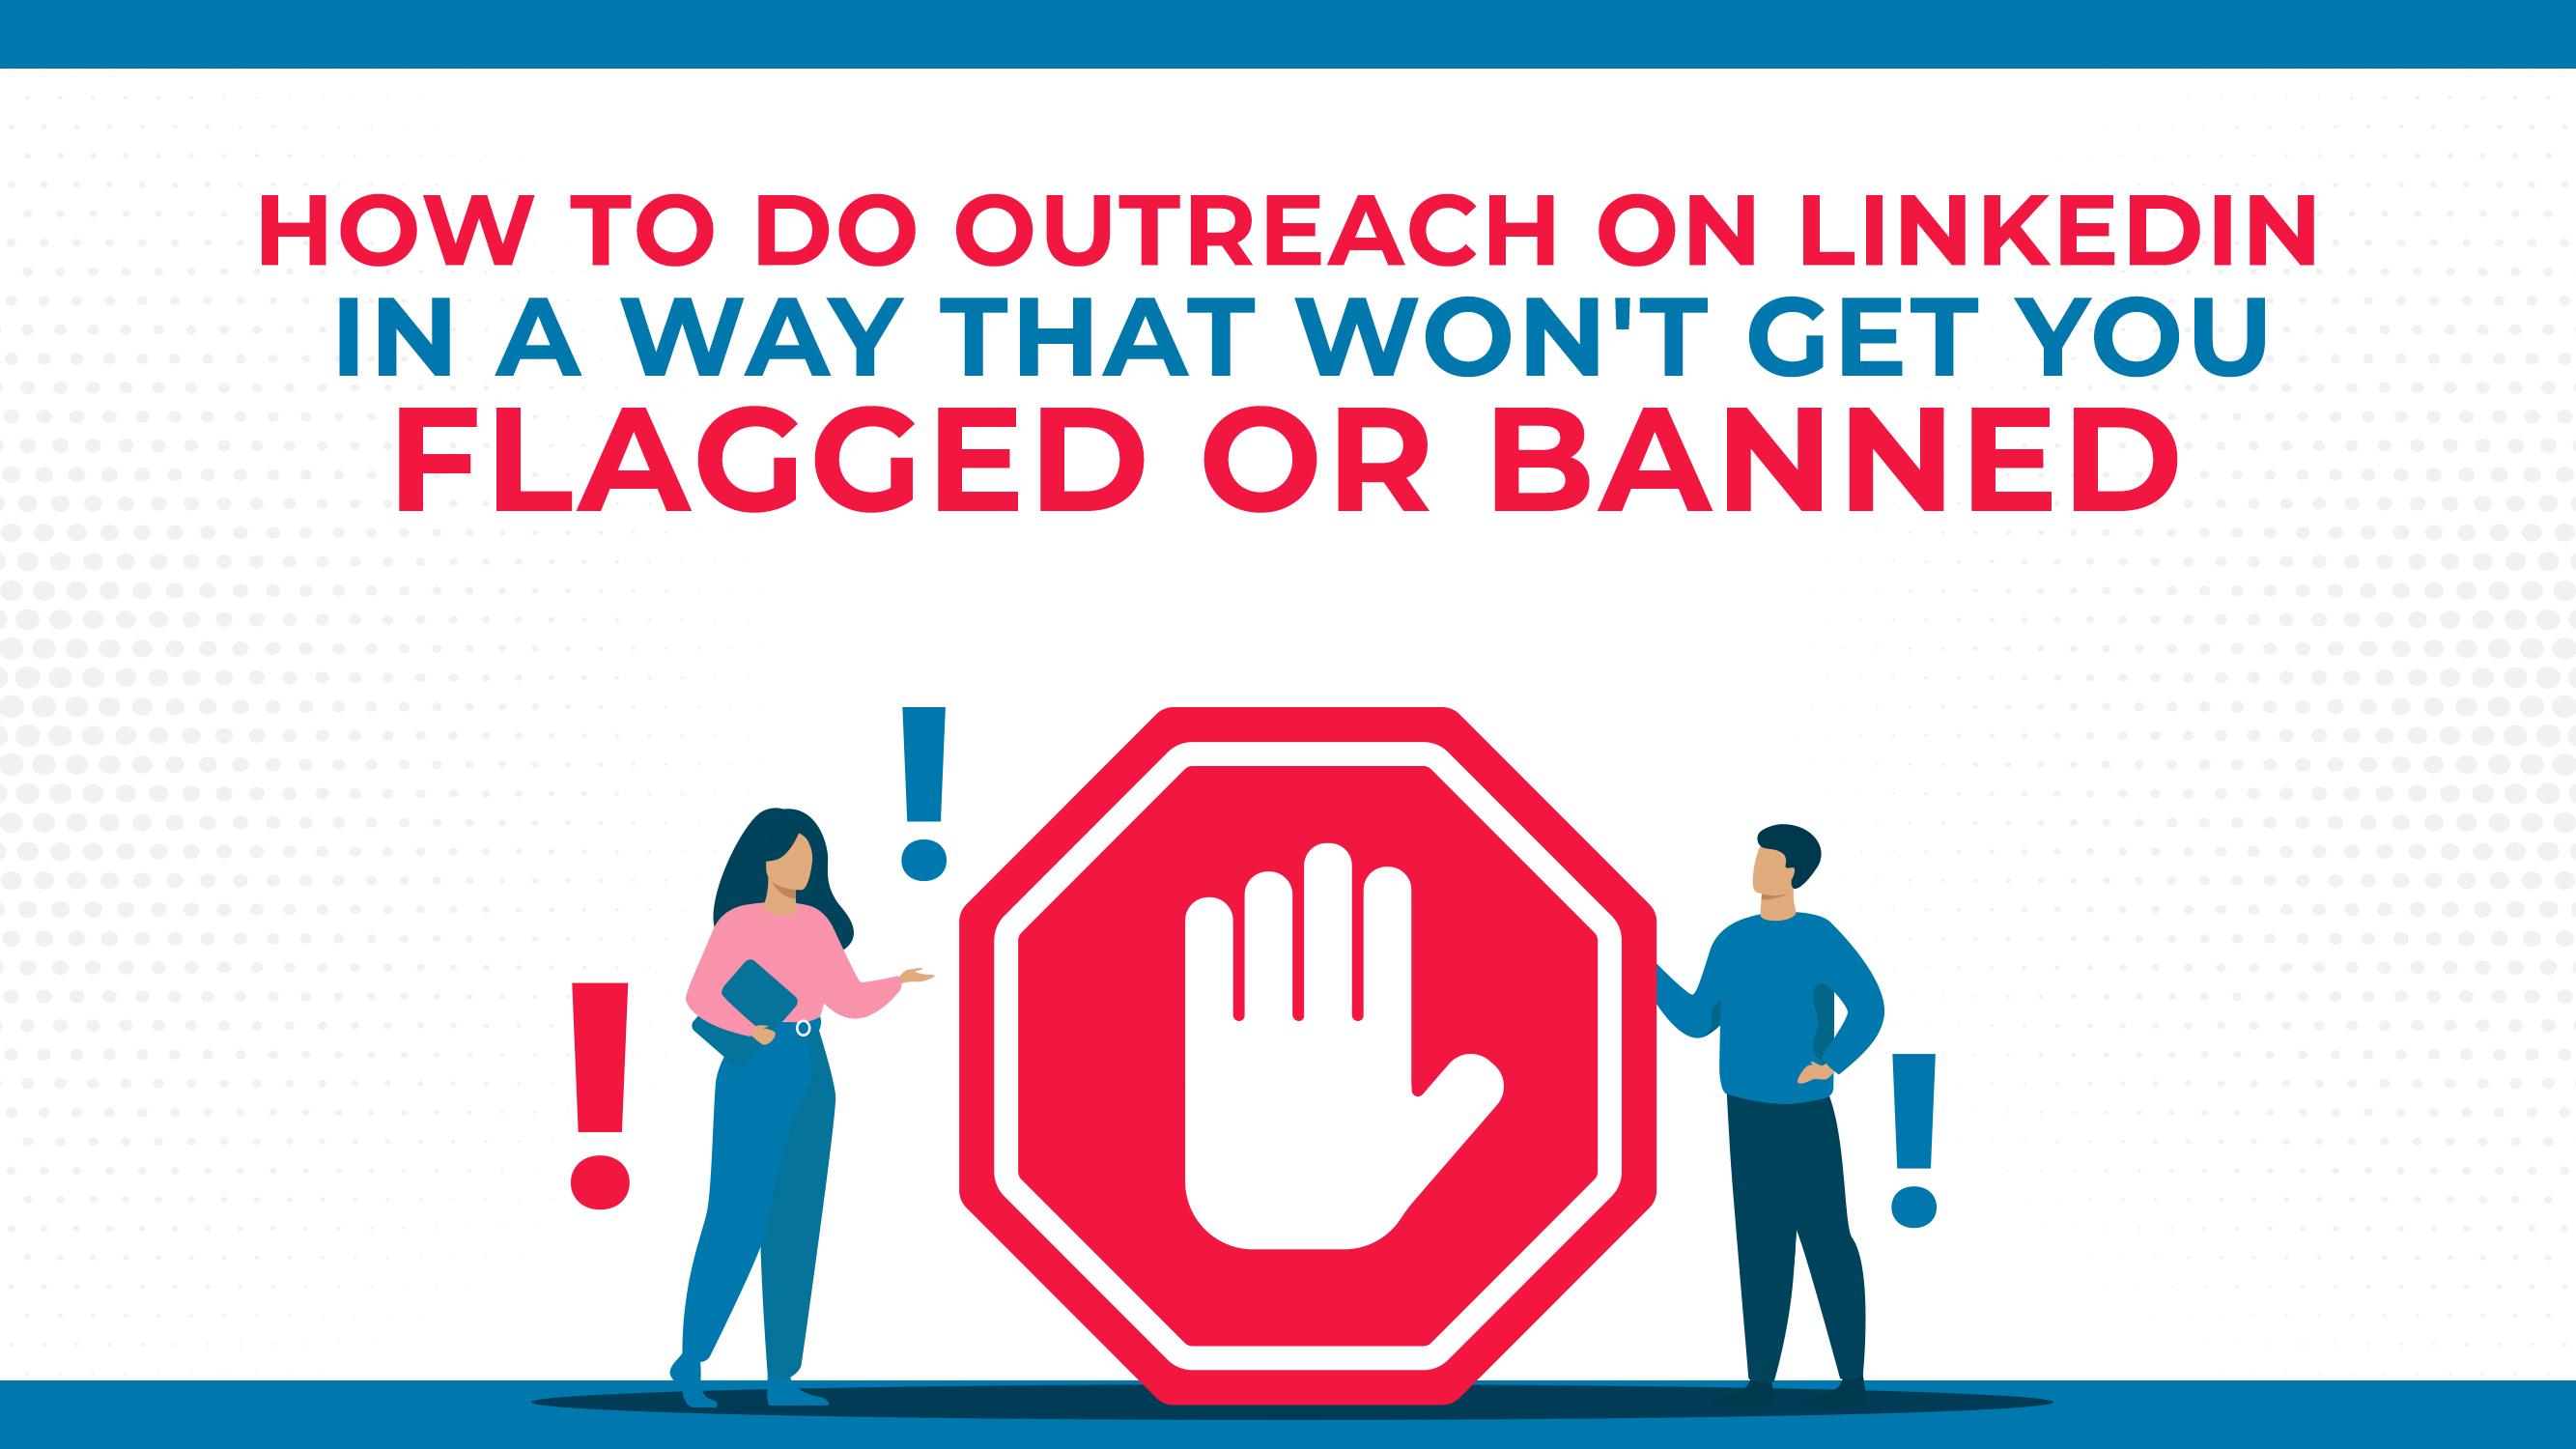 Comment mener des actions de sensibilisation sur LinkedIn de manière à ne pas vous faire repérer ou interdire